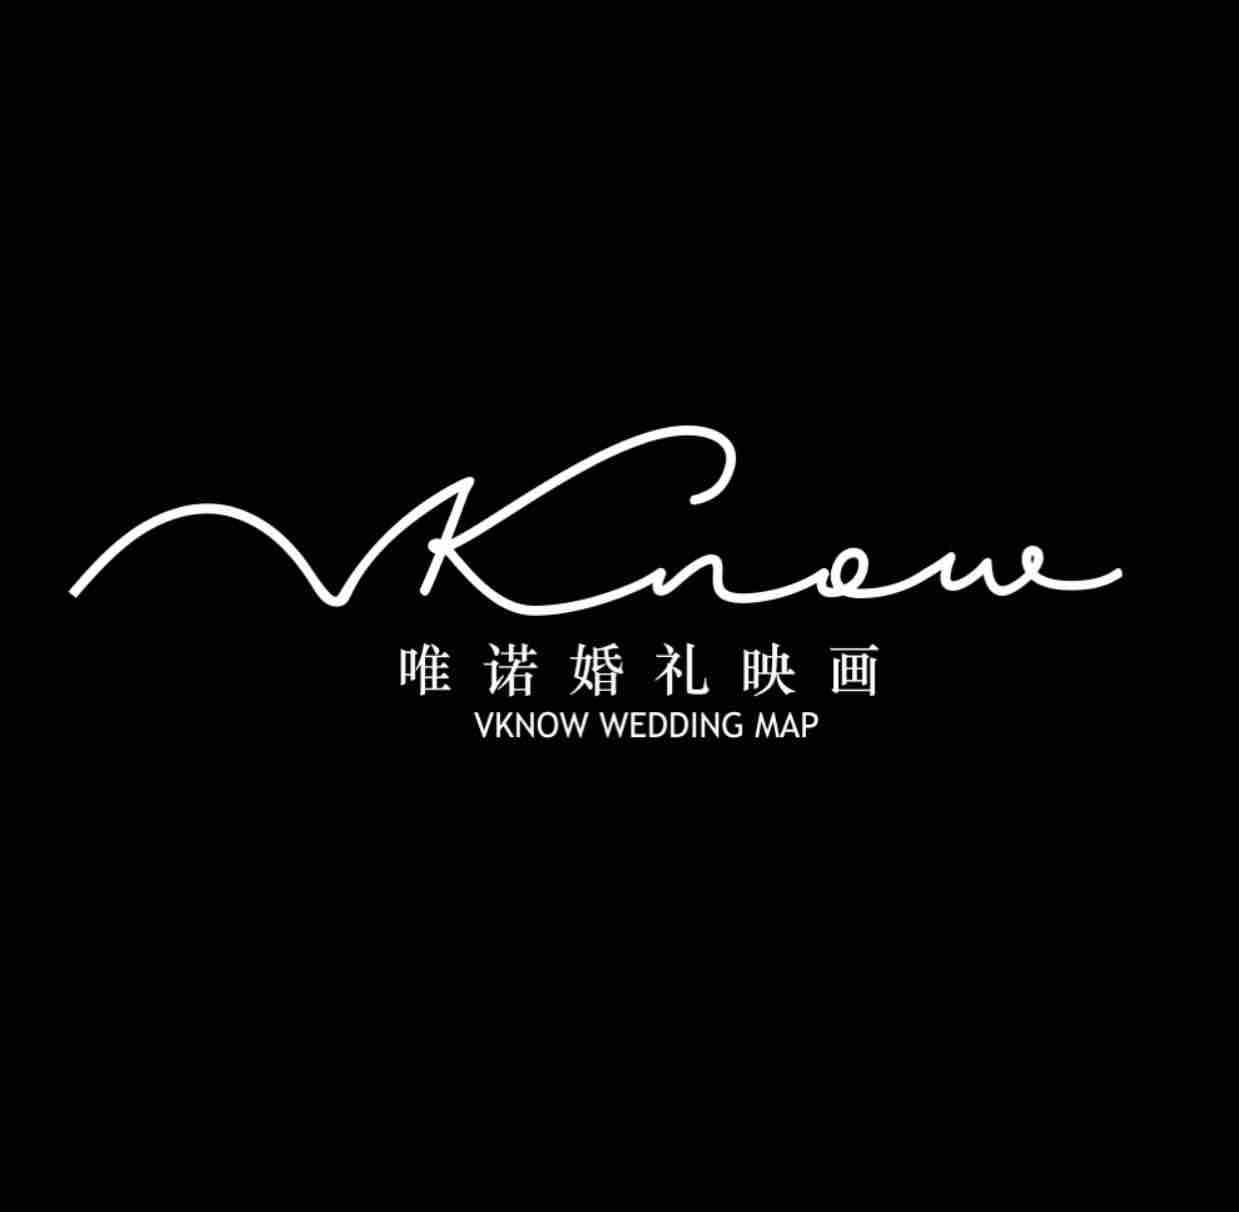 唯诺婚礼映画